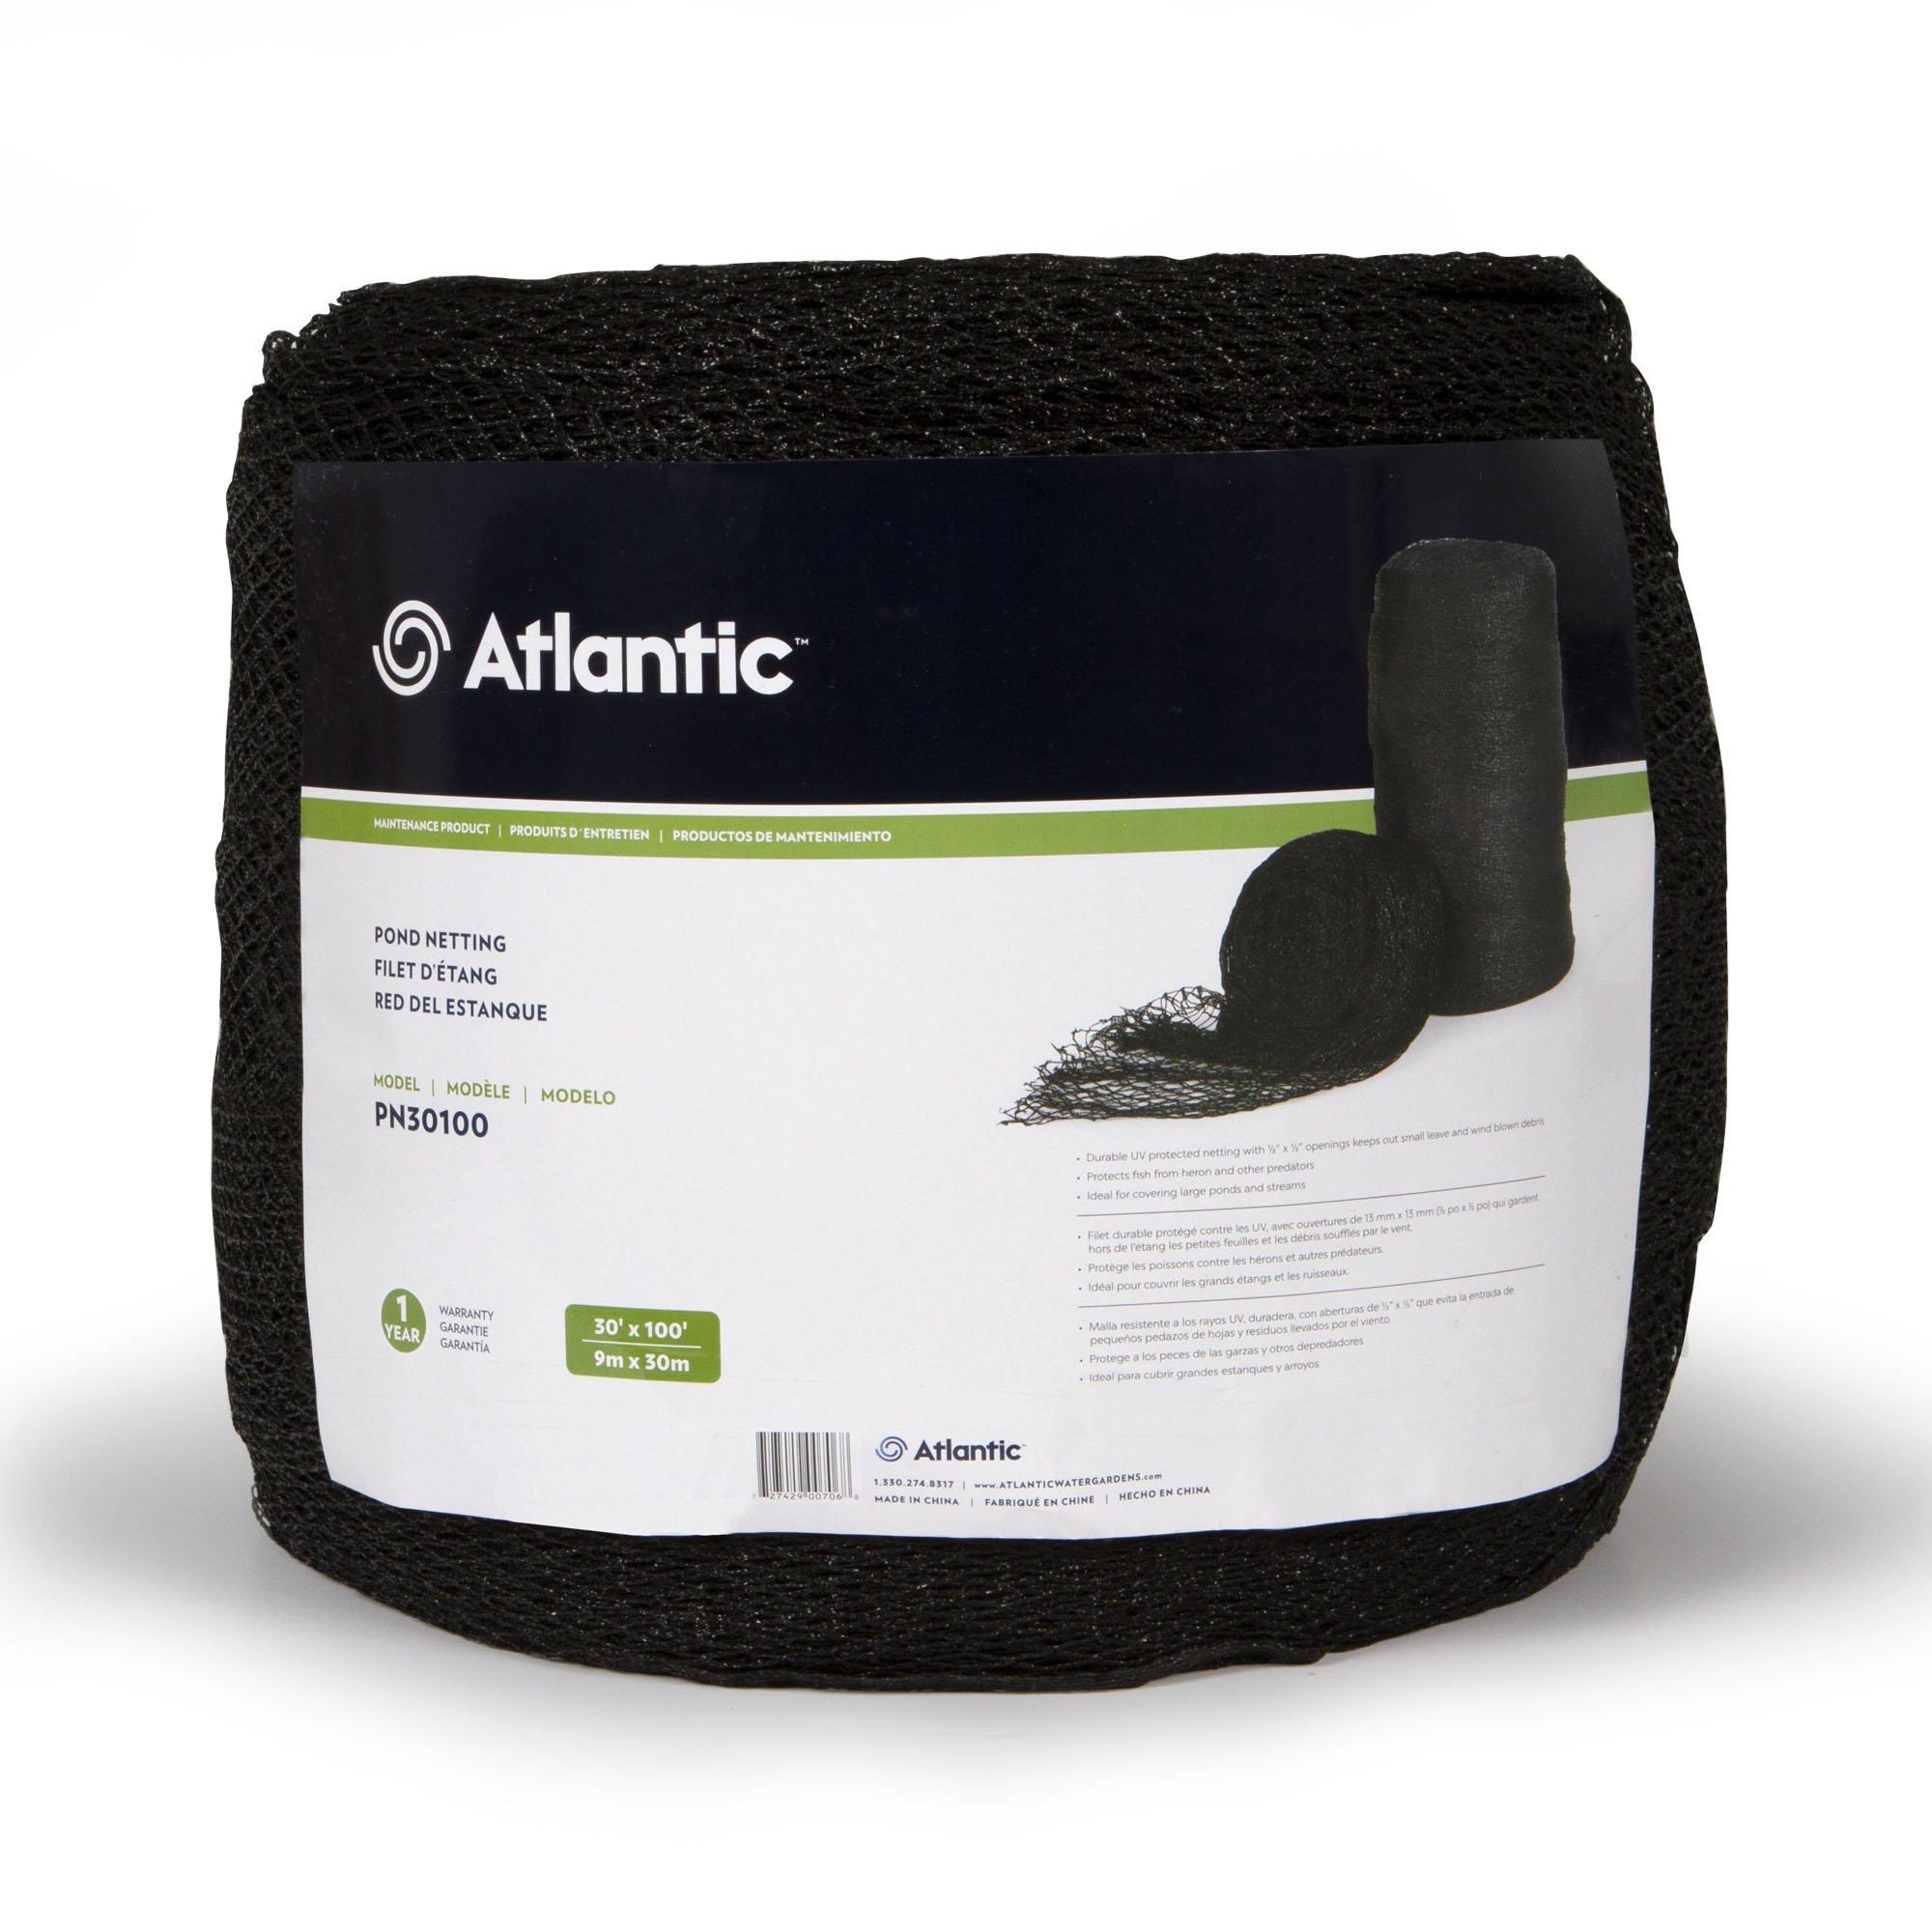 Atlantic Water Gardens PN30100 Heavy-Duty Pond Net, 30-Feet by 100-Feet